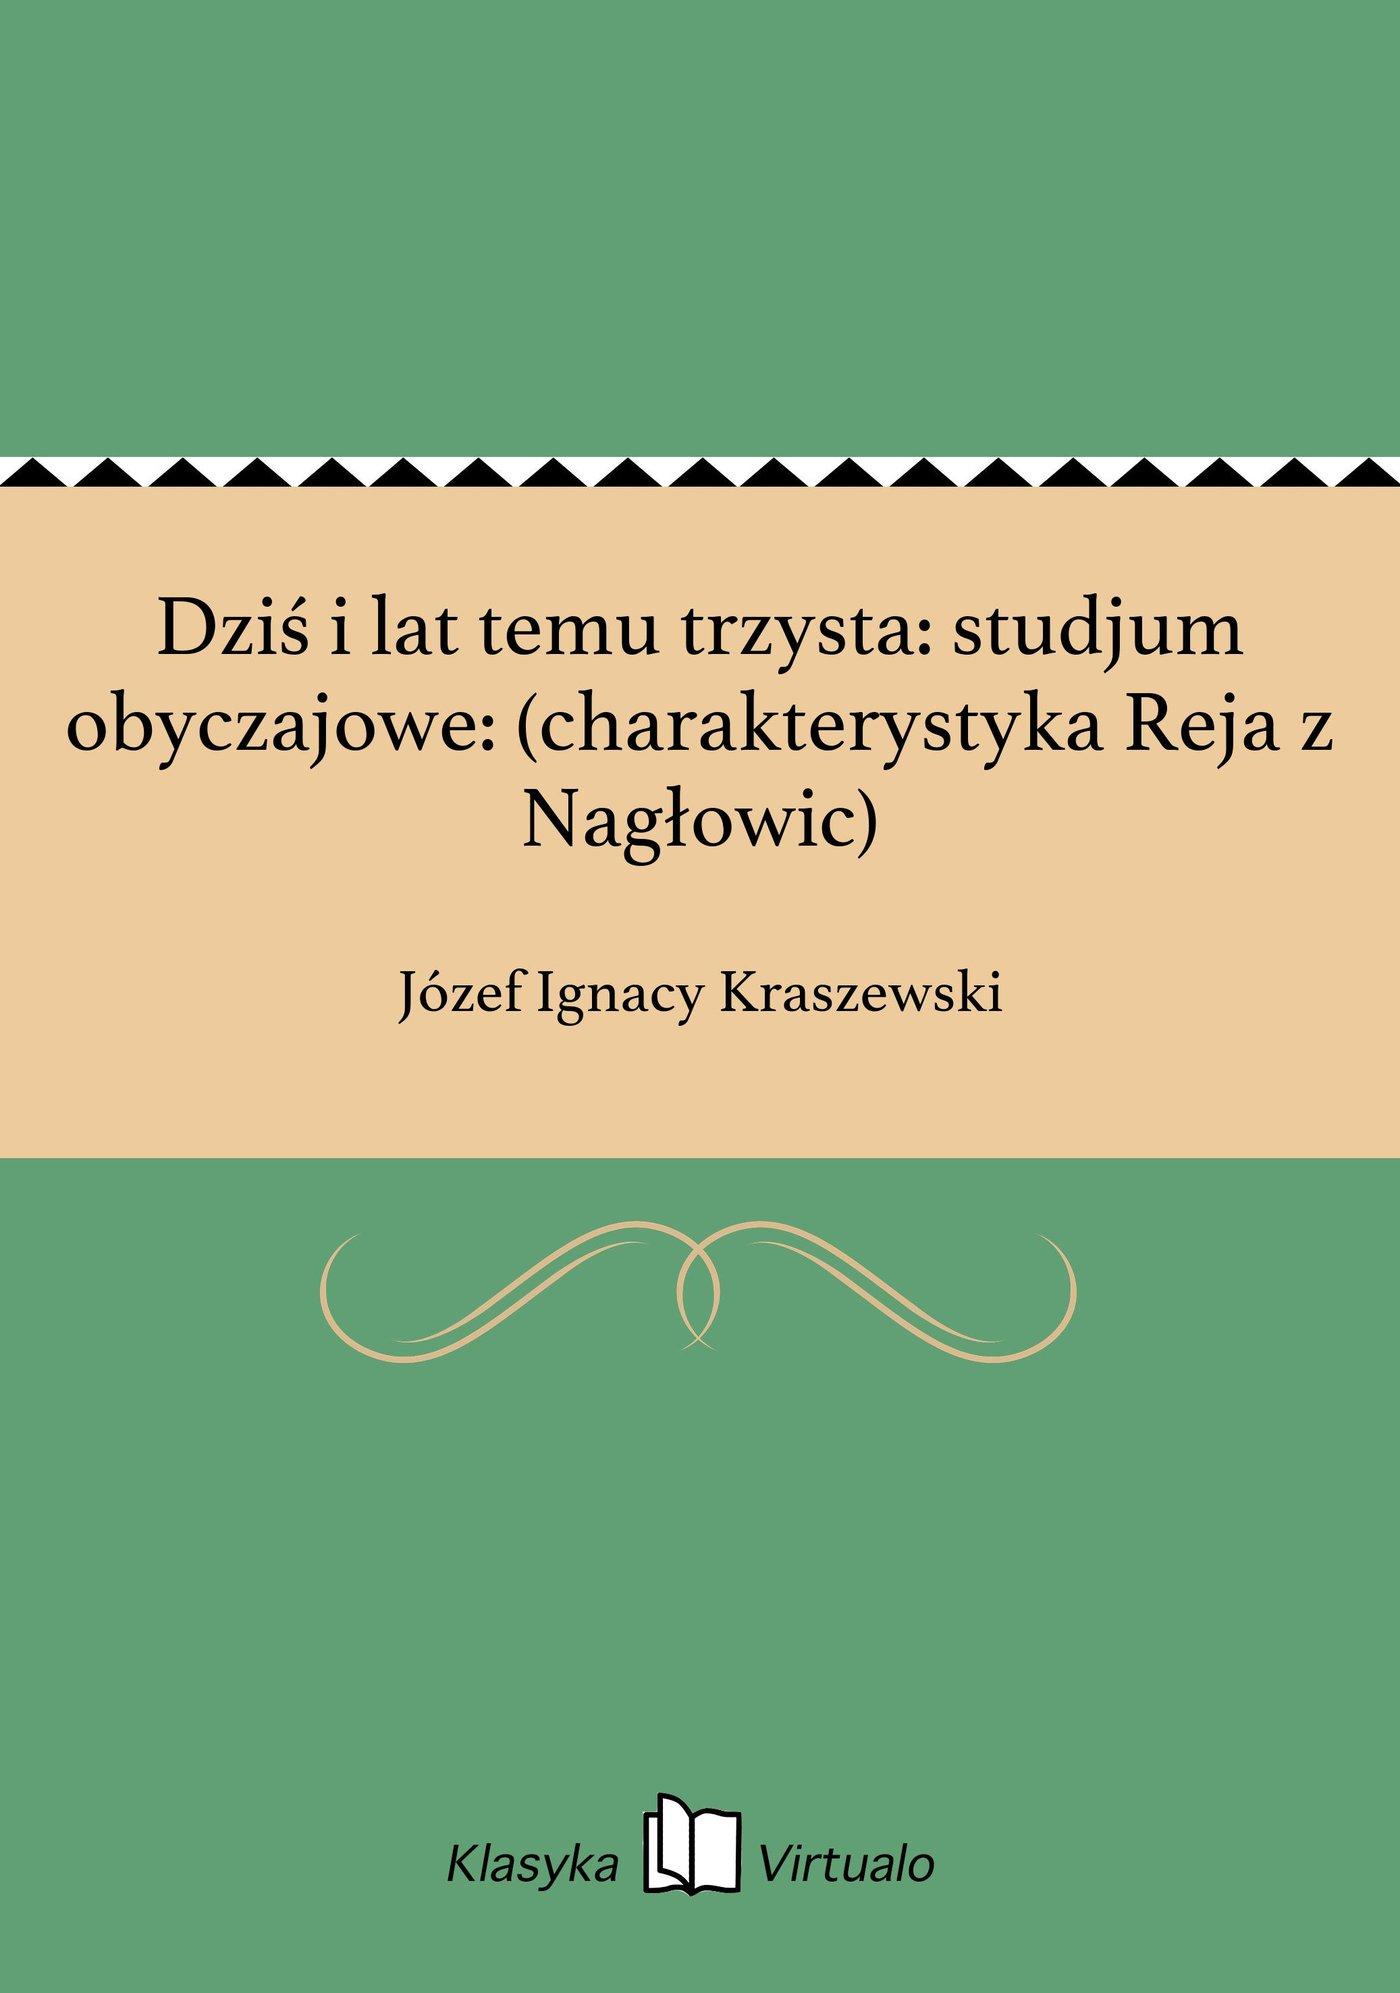 Dziś i lat temu trzysta: studjum obyczajowe: (charakterystyka Reja z Nagłowic) - Ebook (Książka EPUB) do pobrania w formacie EPUB